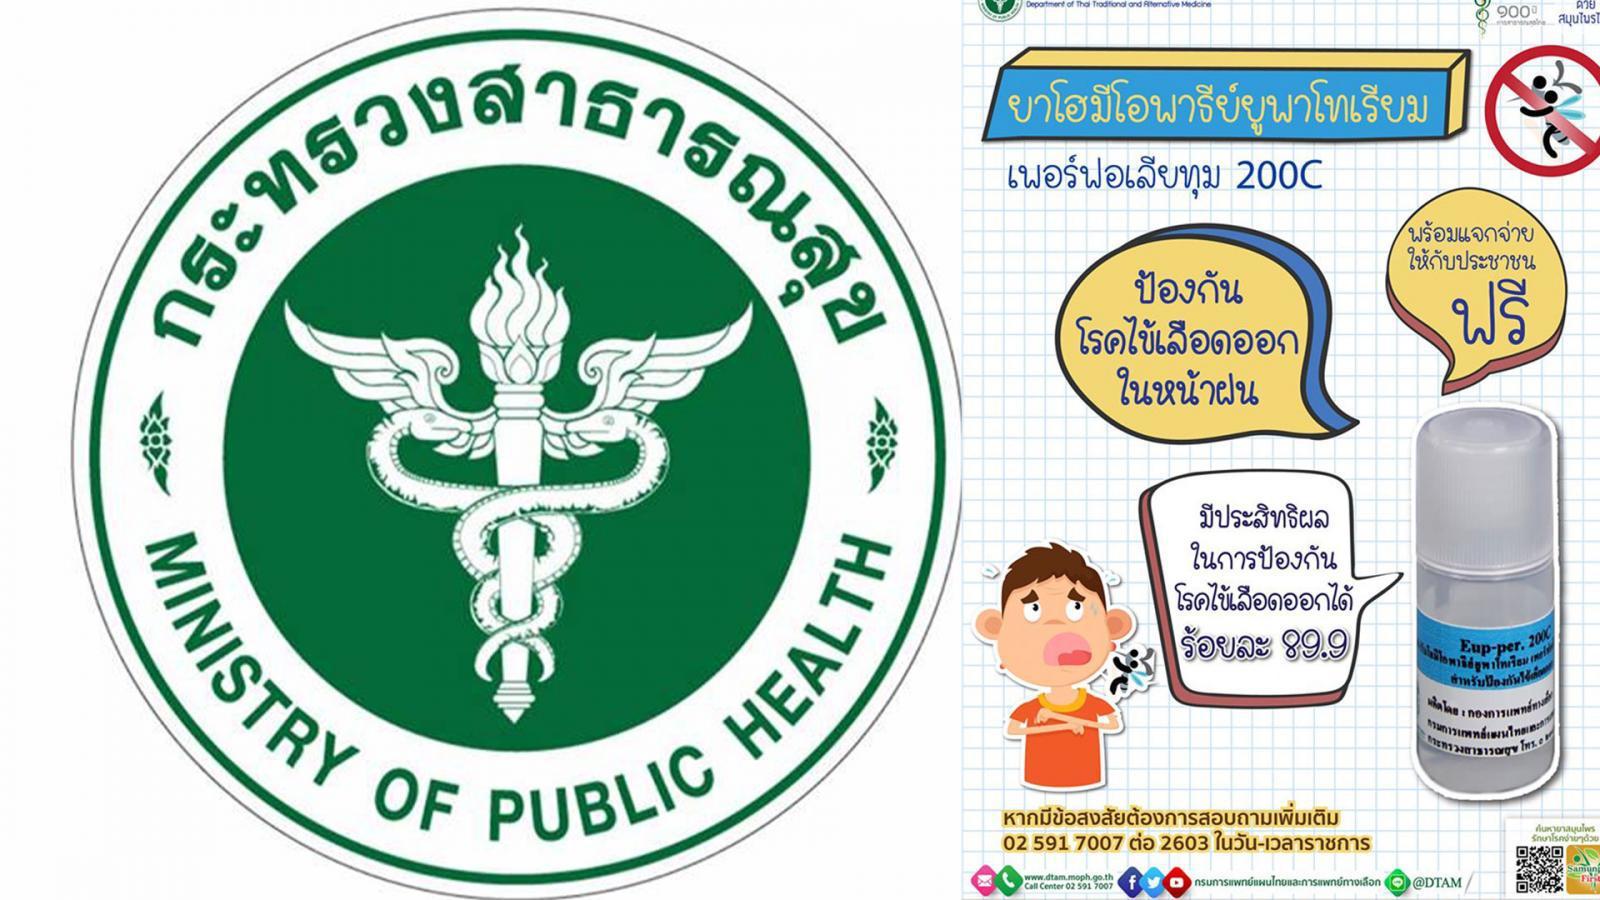 """ฟรี!! แพทย์แผนไทย แจก""""ยาโฮมีโอพาธีย์"""" ป้องกันไข้เลือดออก"""